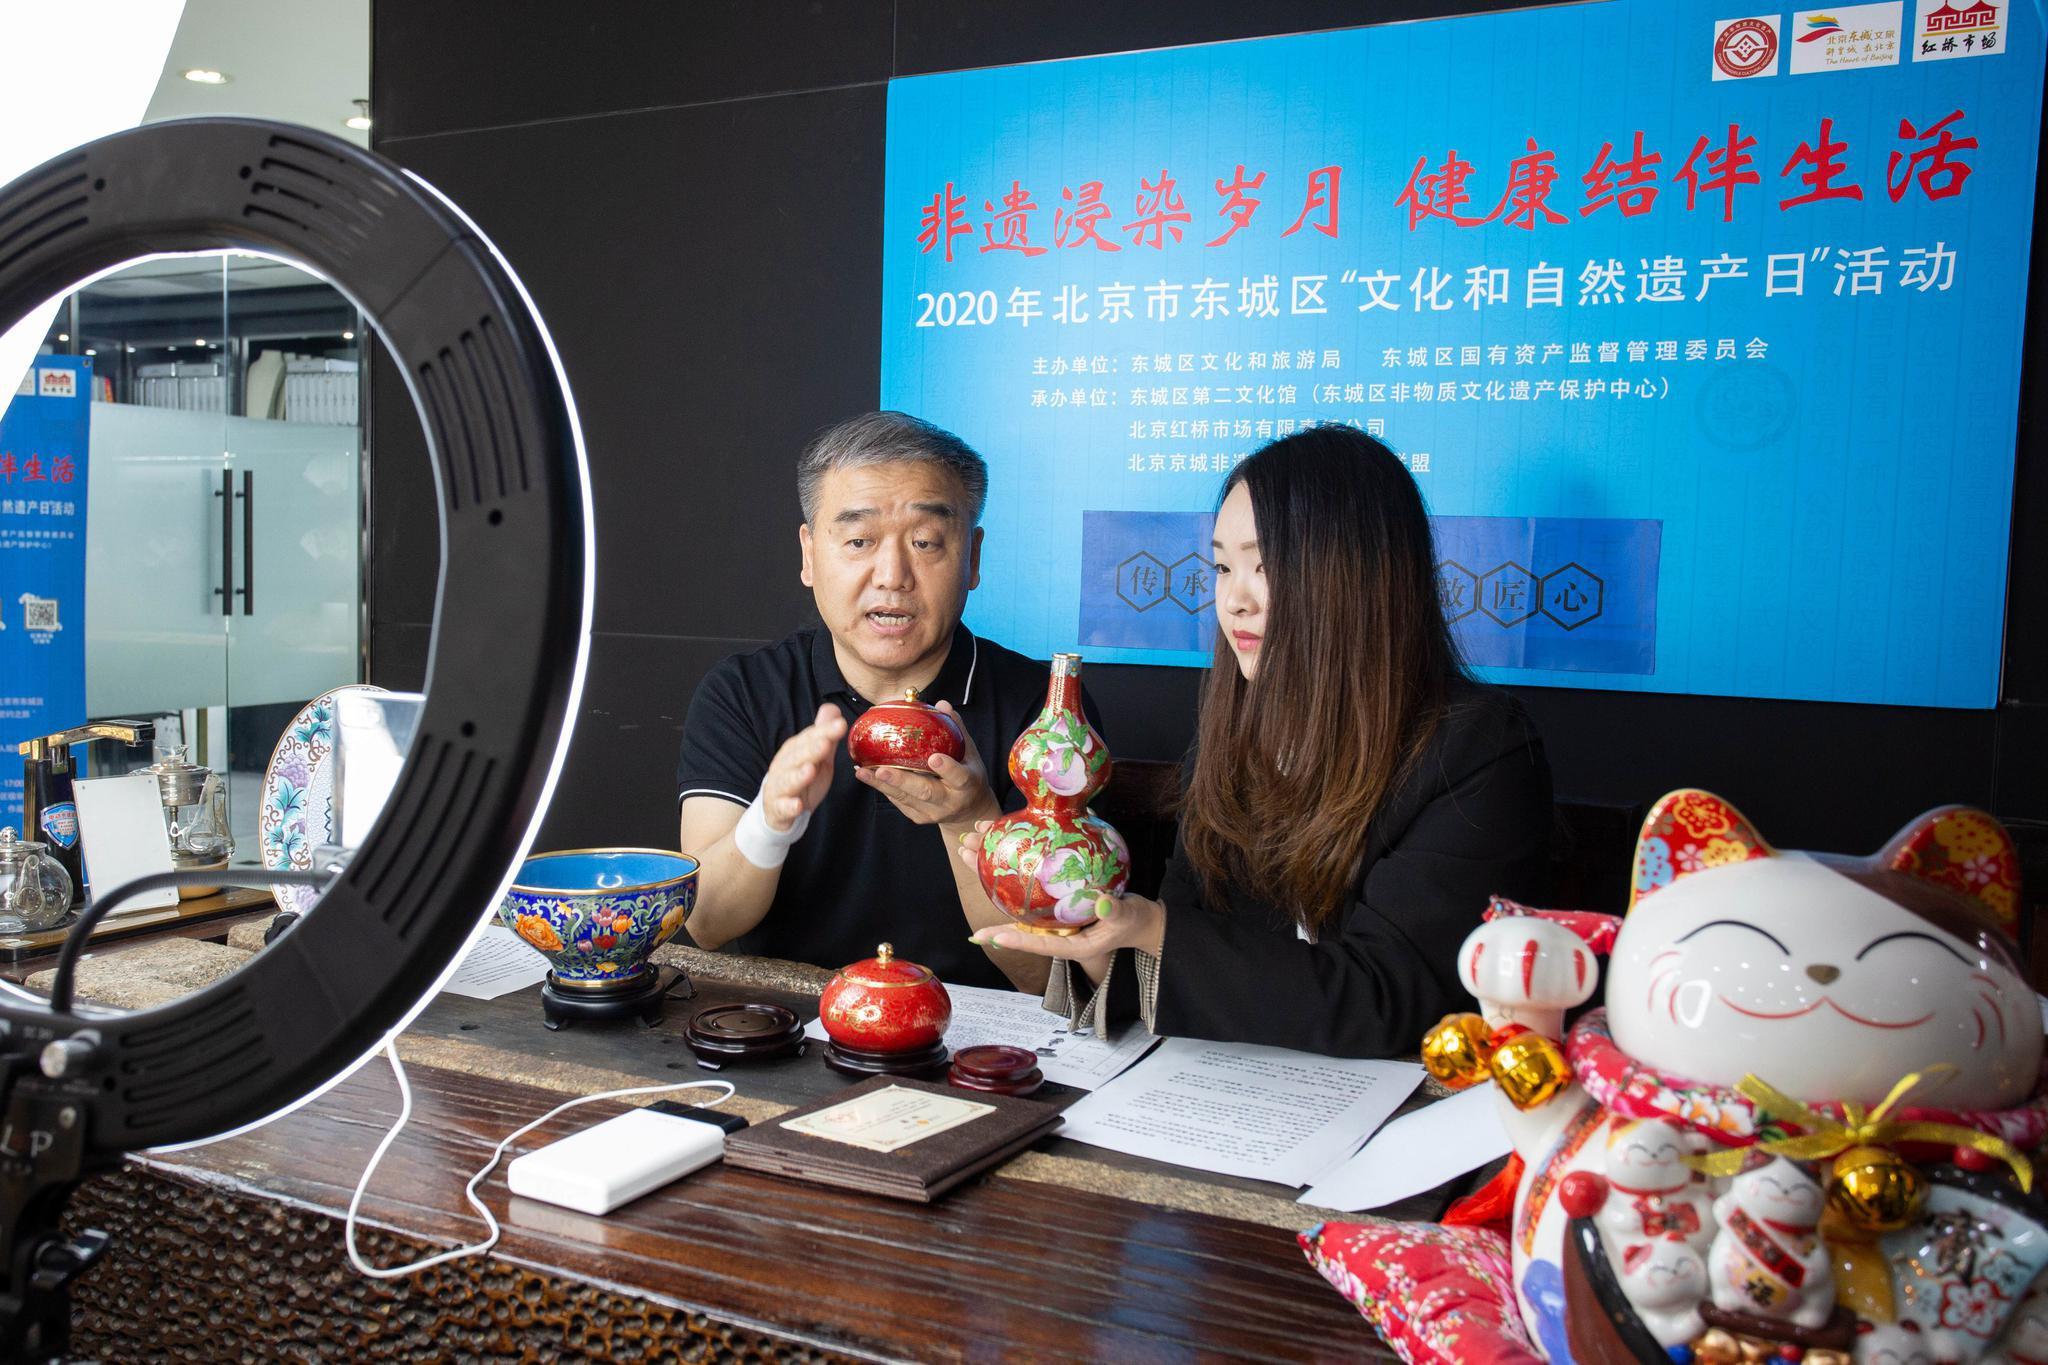 天富,北京建成首个非天富遗传播孵化园图片